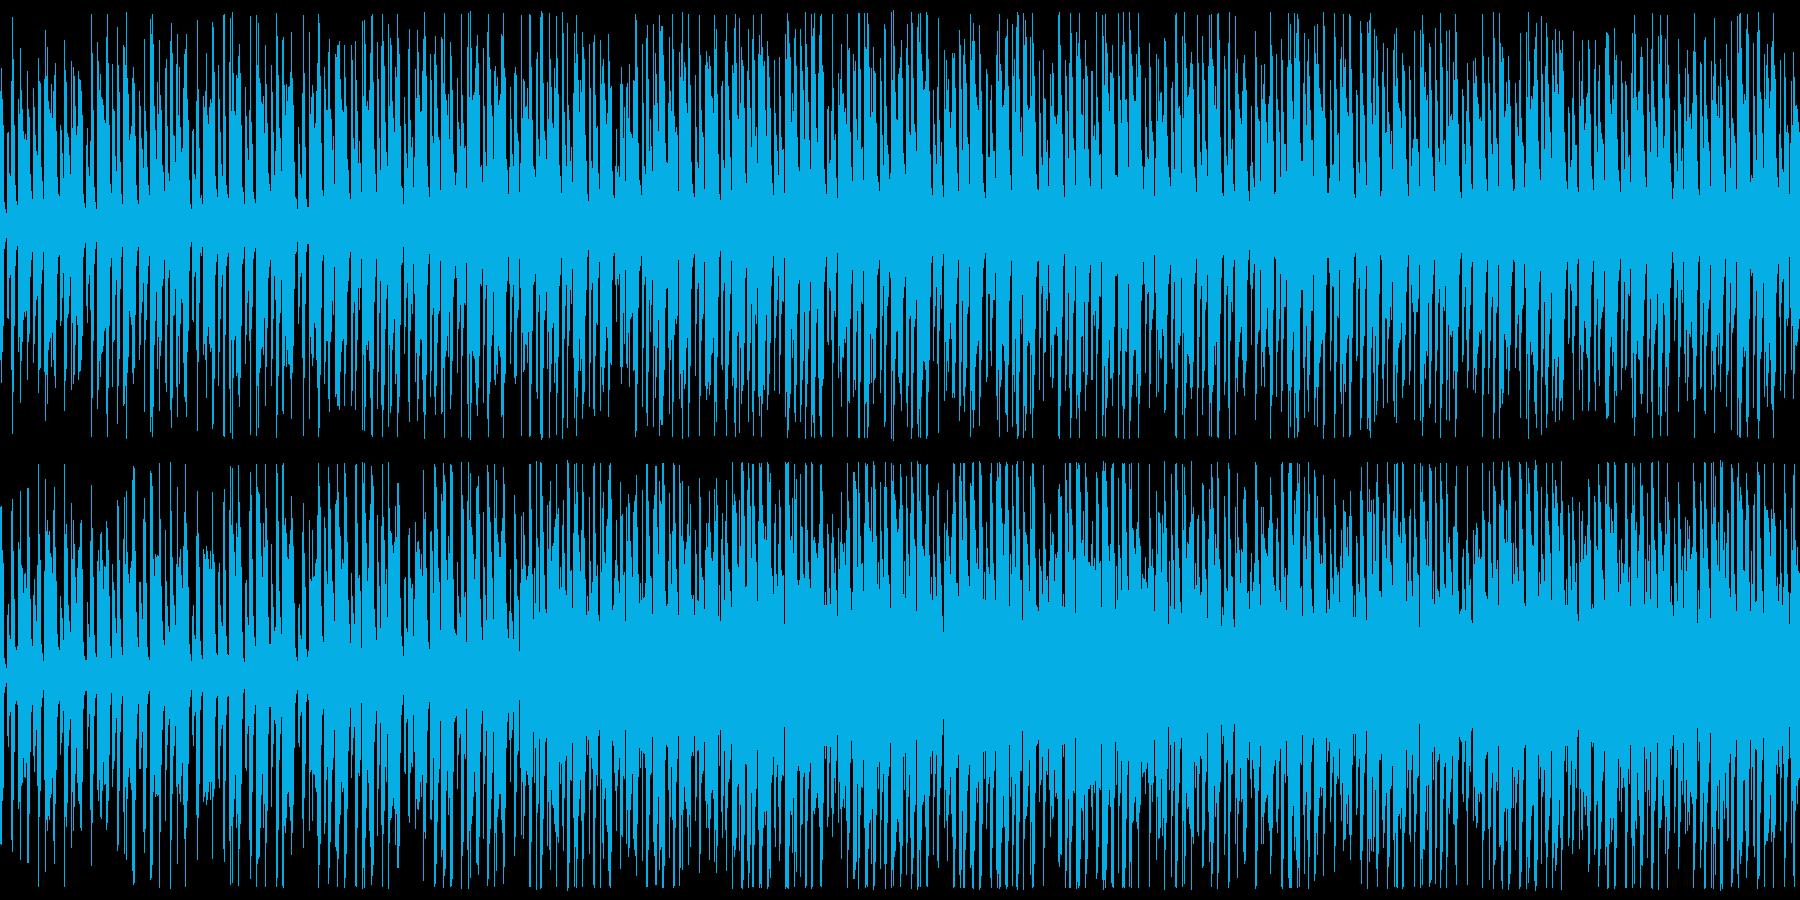 【ドラム抜き】明るいほのぼのアンサンブルの再生済みの波形